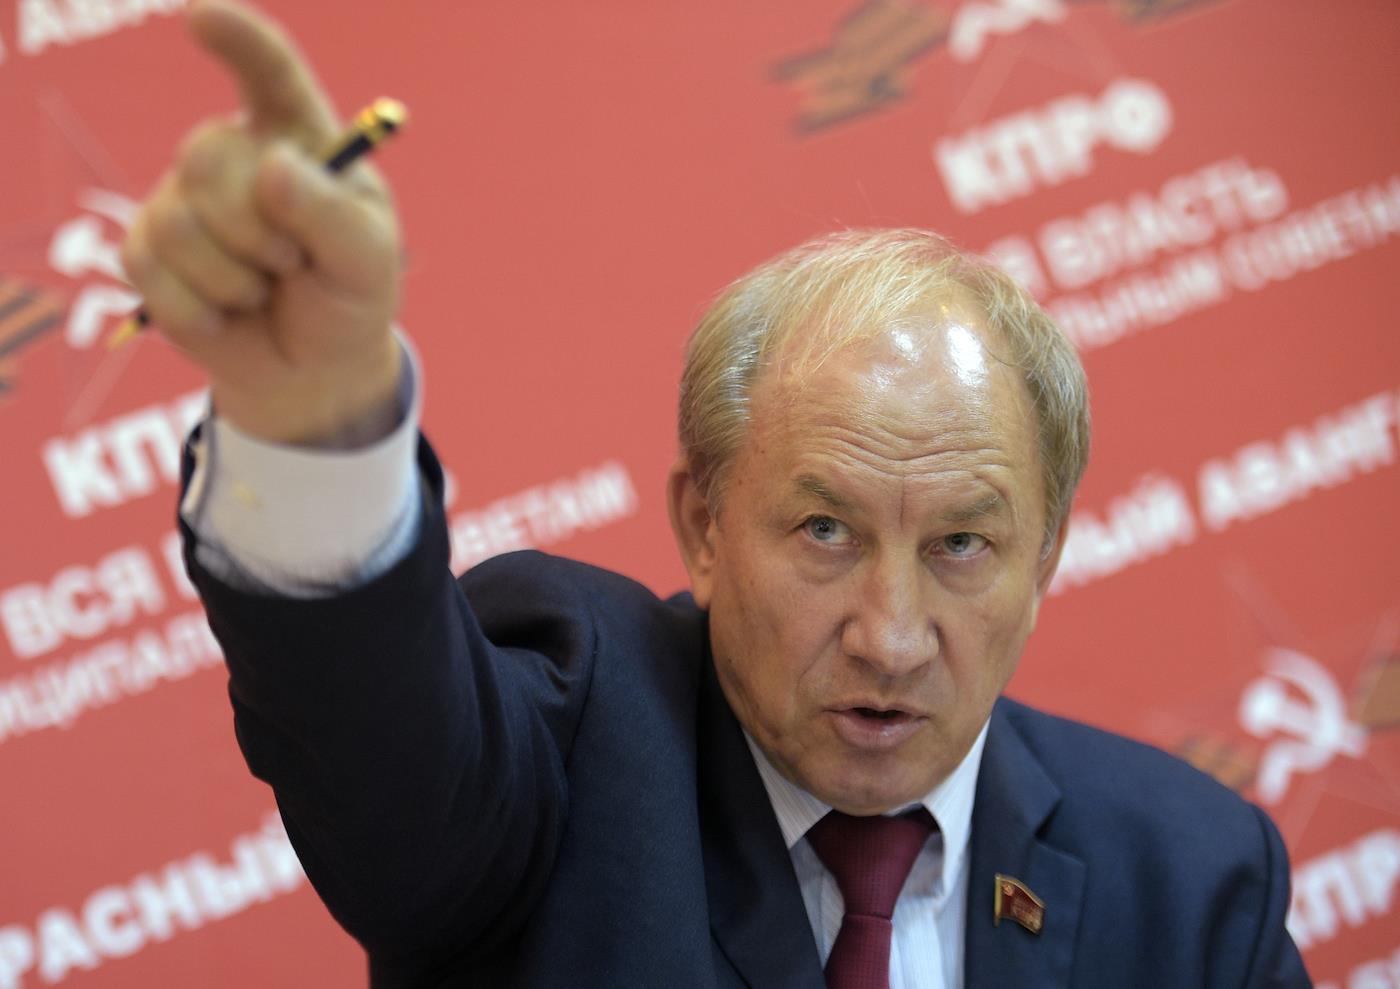 Валерий Рашкин<br><br>автор фото&nbsp;Глеб Щелкунов/Коммерсантъ